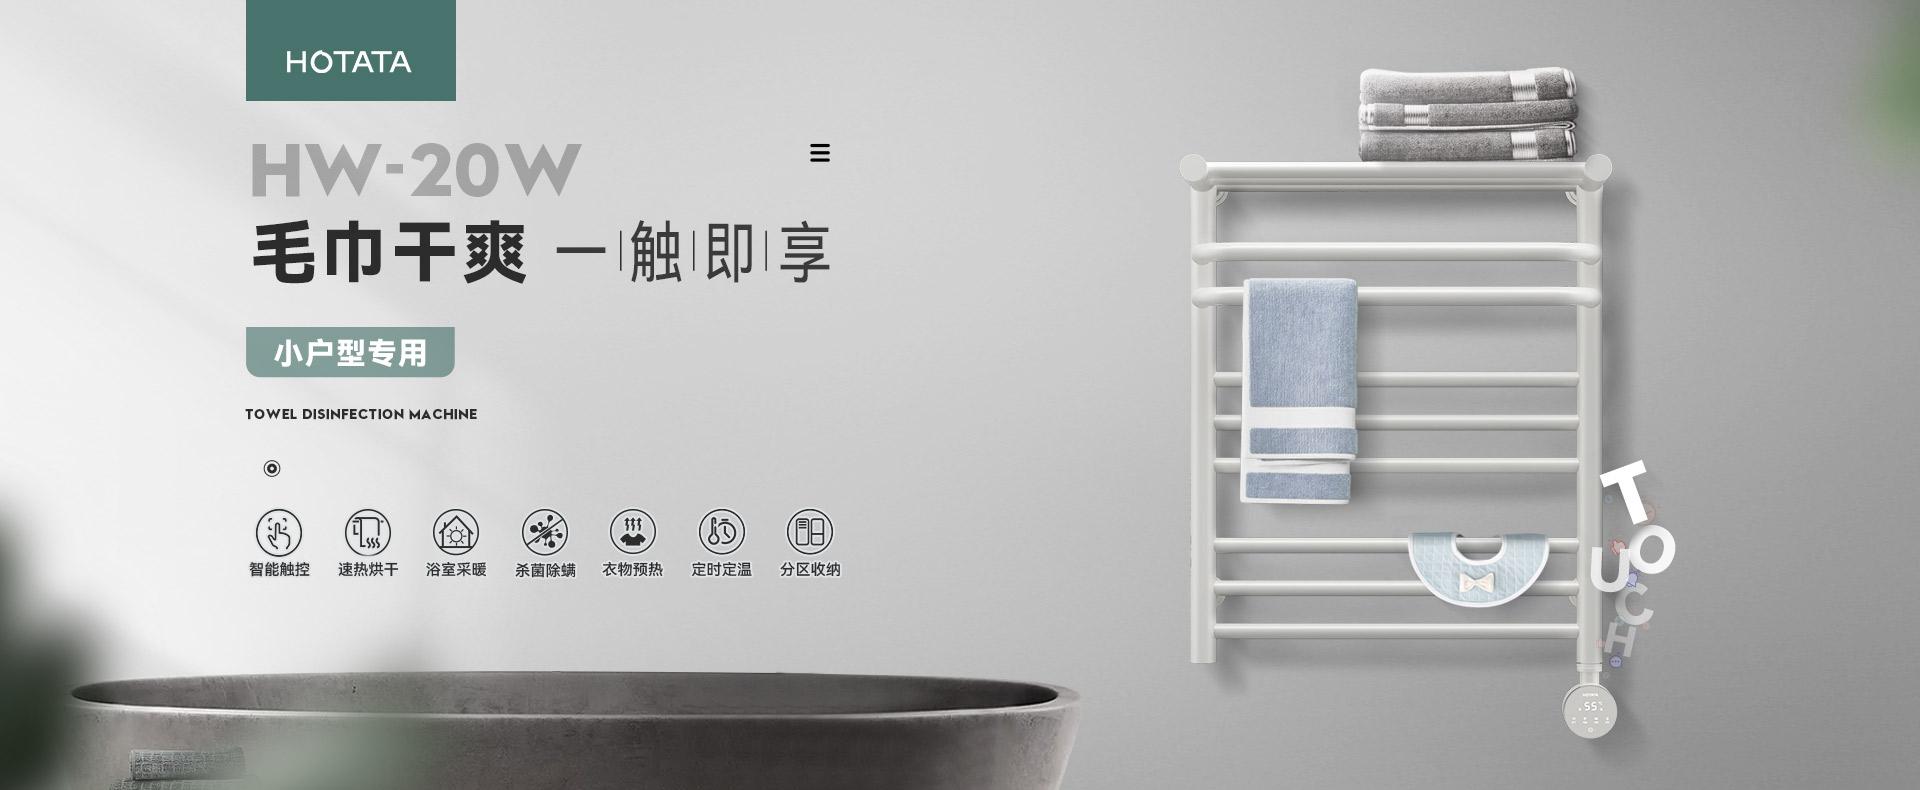 毛巾消毒护理机HW-20